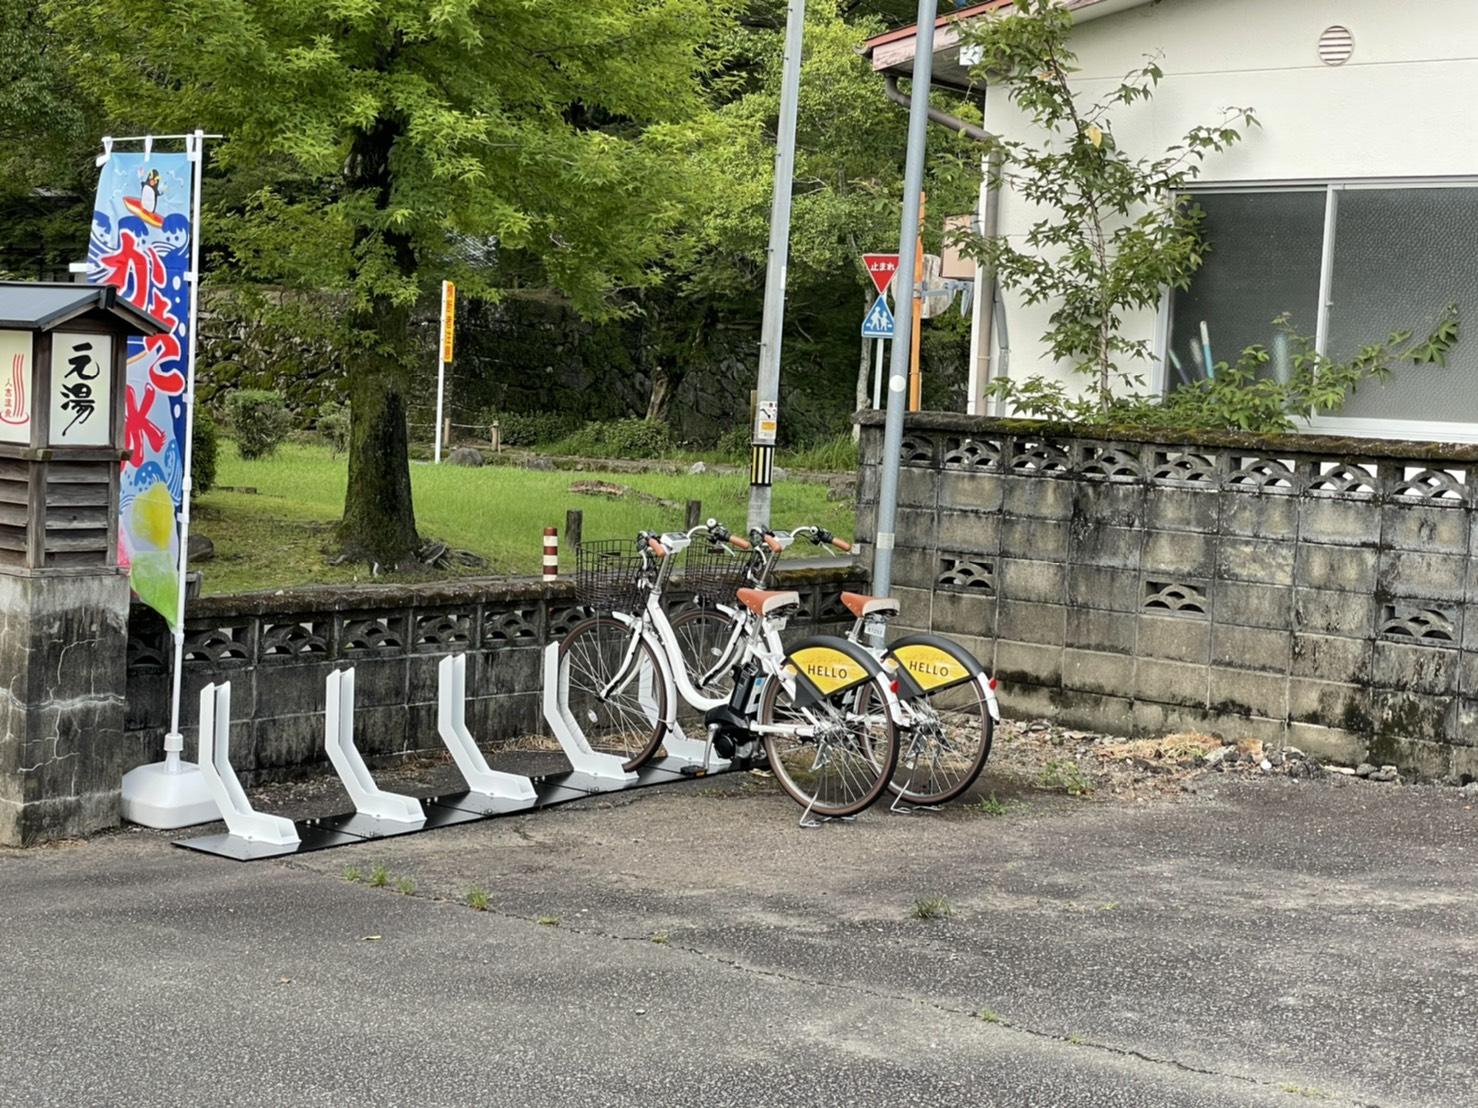 人吉温泉元湯 (HELLO CYCLING ポート) image